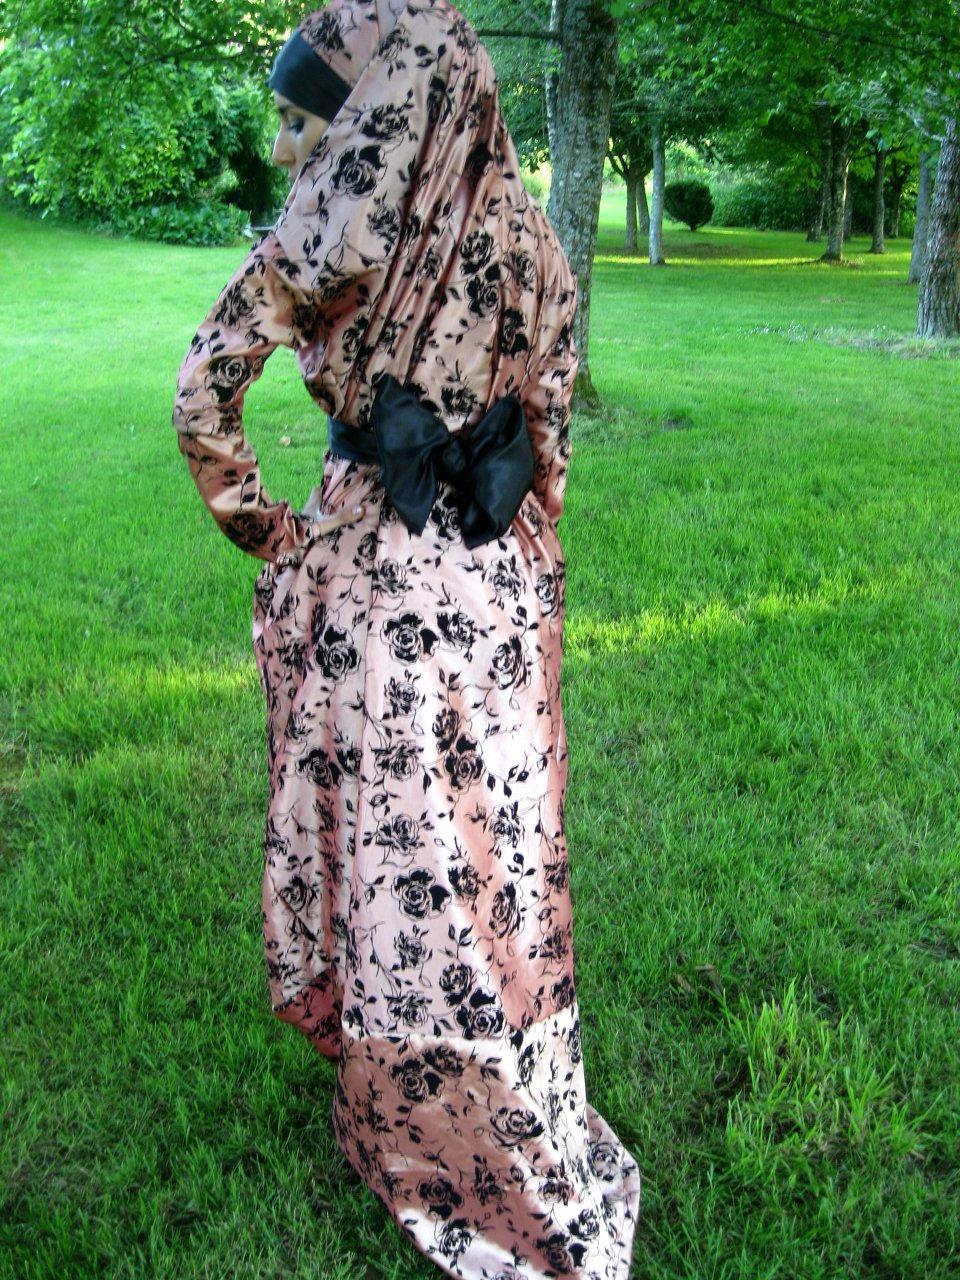 jilbab mariage invitee 107jpg - Jilbeb Mariage